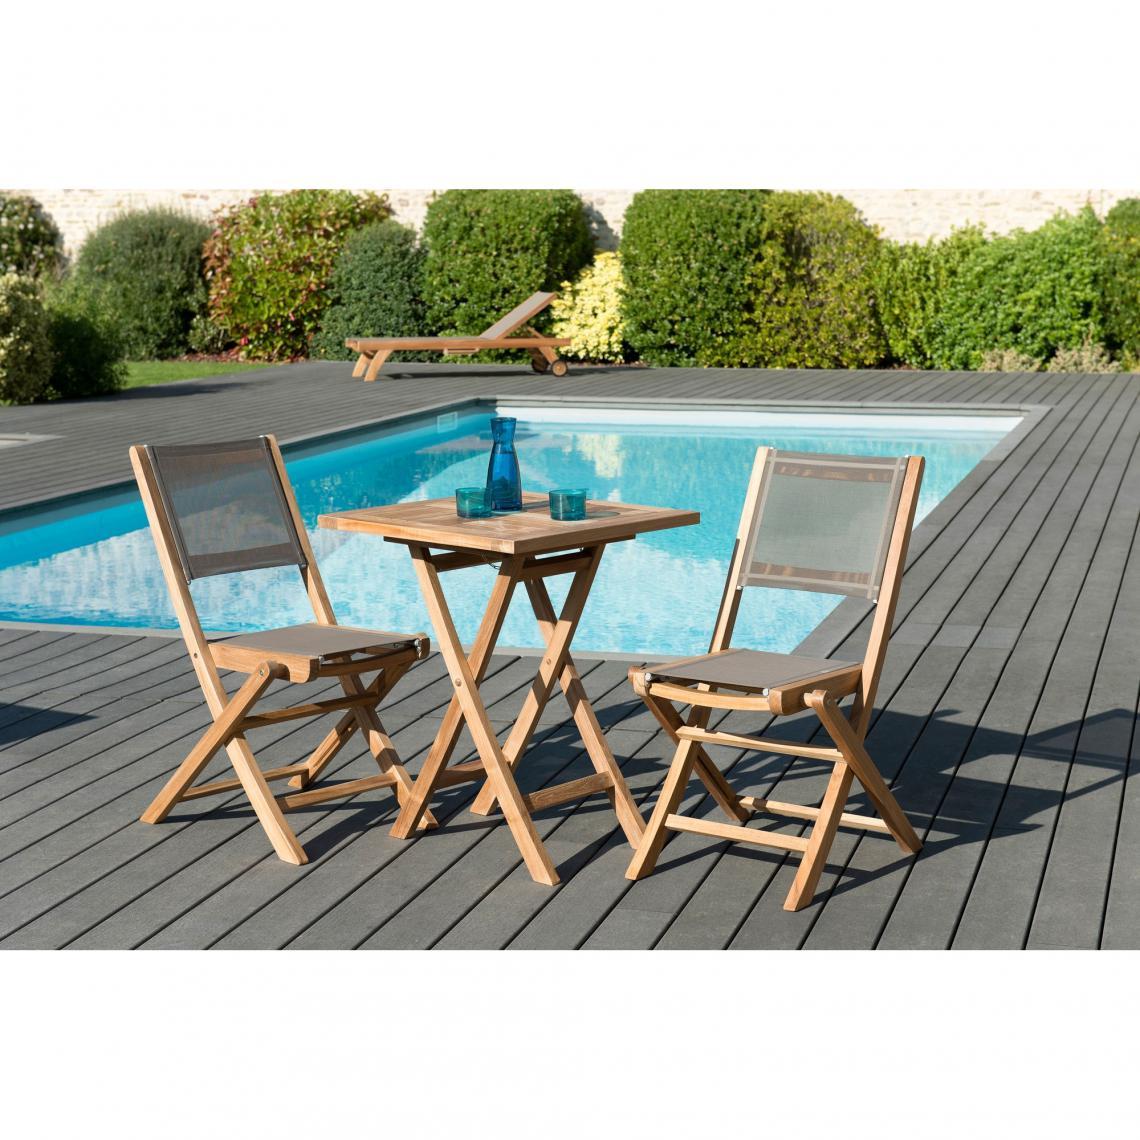 salon de jardin en bois teck 2 pers ensemble de jardin 1 table carree pliante 60 cm et 2 chaises textilene couleur taupe